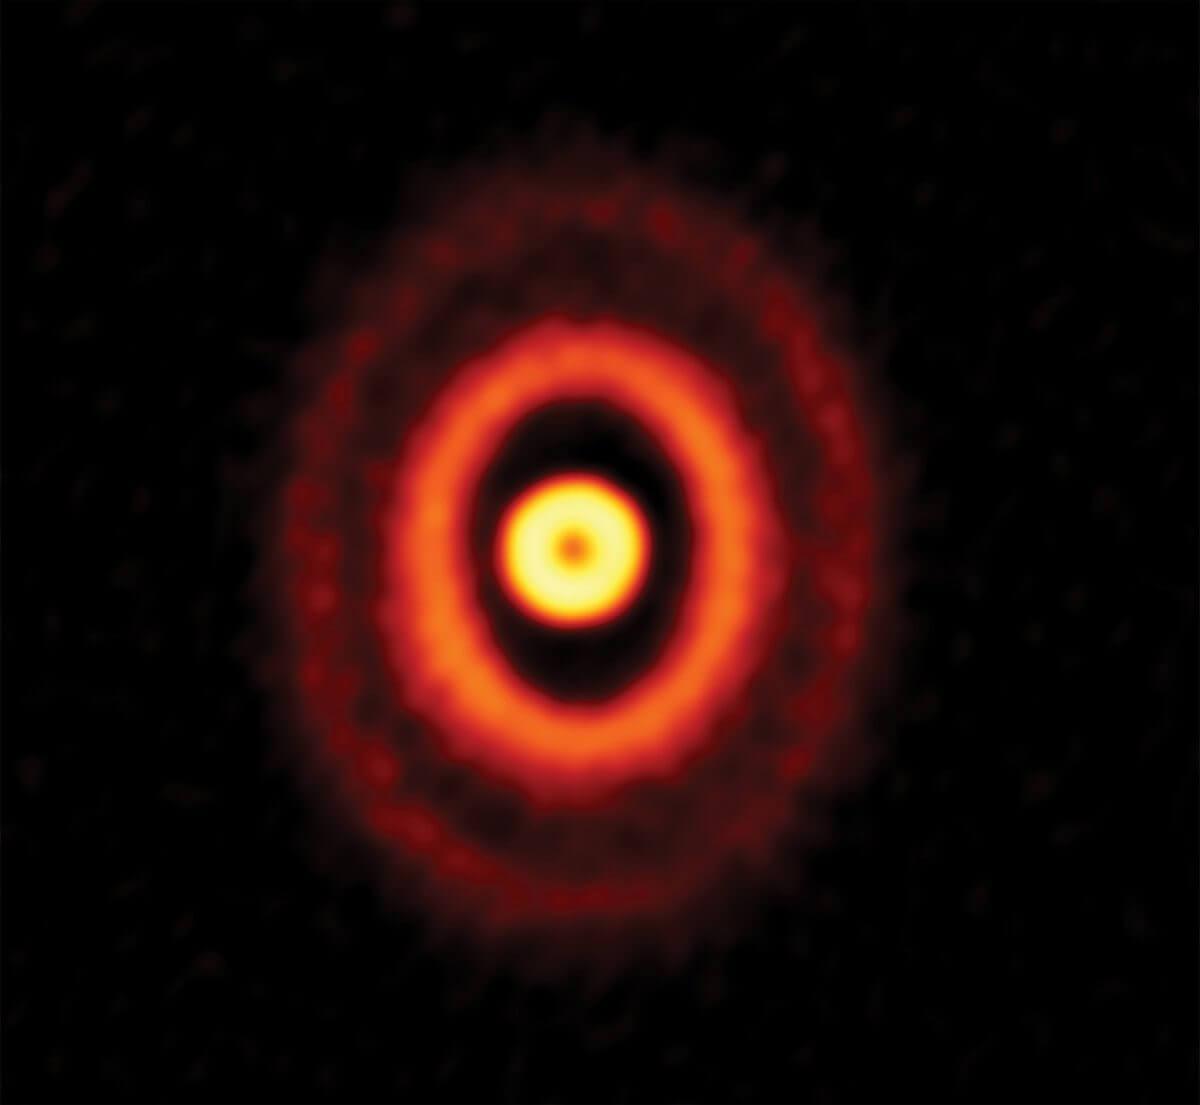 アルマ望遠鏡によって観測された三重連星「オリオン座GW星」を取り巻く3つのリング。最も内側のリングはほぼ正面から、外側の2つのリングはやや傾いた角度から見えているとされる。ここには写っていないが、オリオン座GW星はリングの中心に位置する(Credit: ALMA (ESO/NAOJ/NRAO), Bi et al., NRAO/AUI/NSF, S. Dagnello)